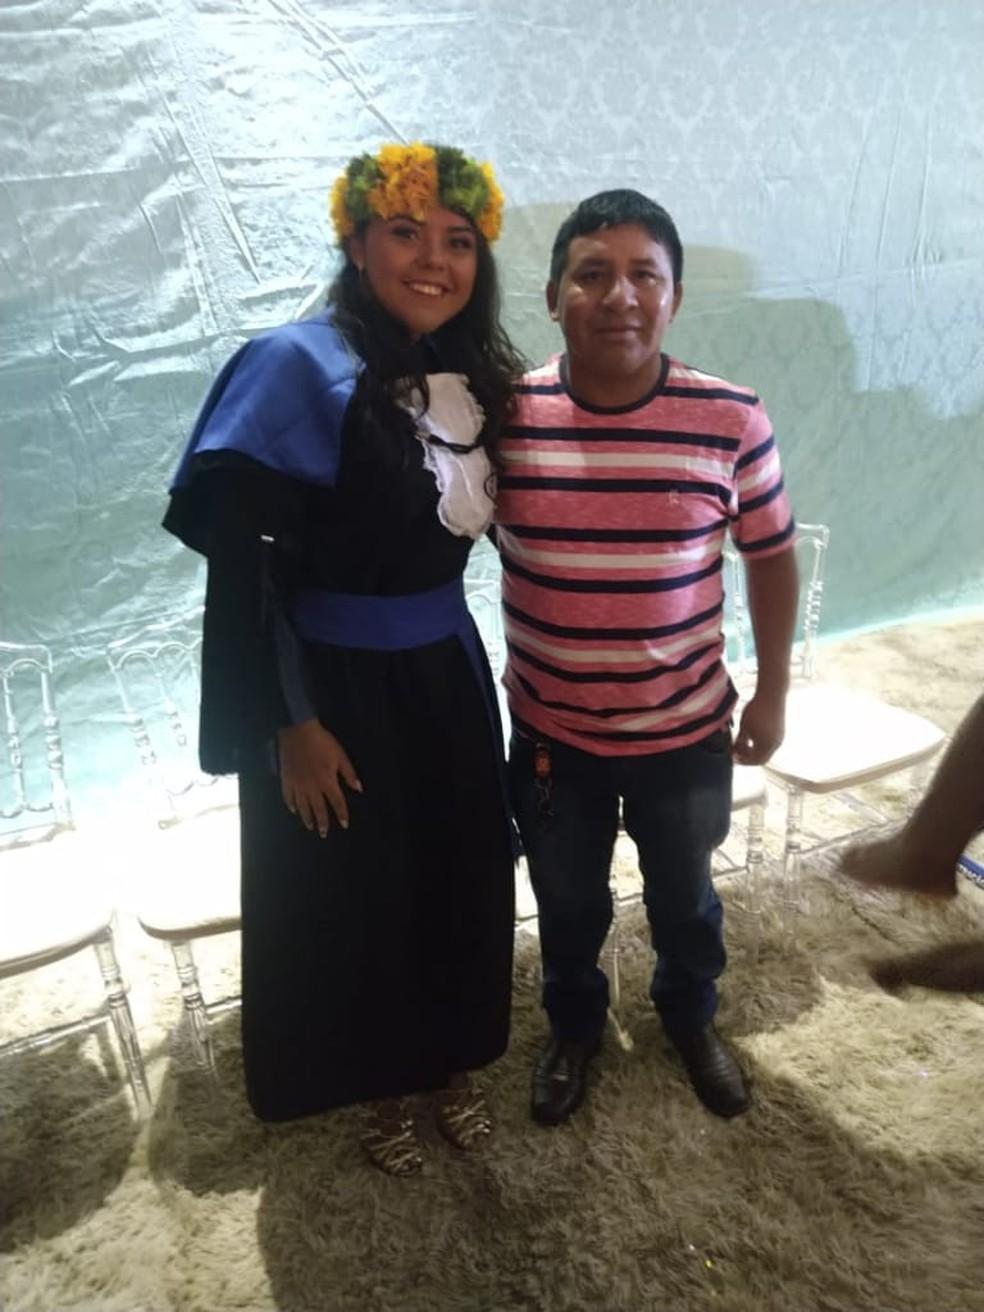 Pai da Katyane, Paulo Cinta Larga, diz que filha é inspiração para outras mulheres da família  — Foto: Katyane Dias Cinta Larga/arquivo pessoal